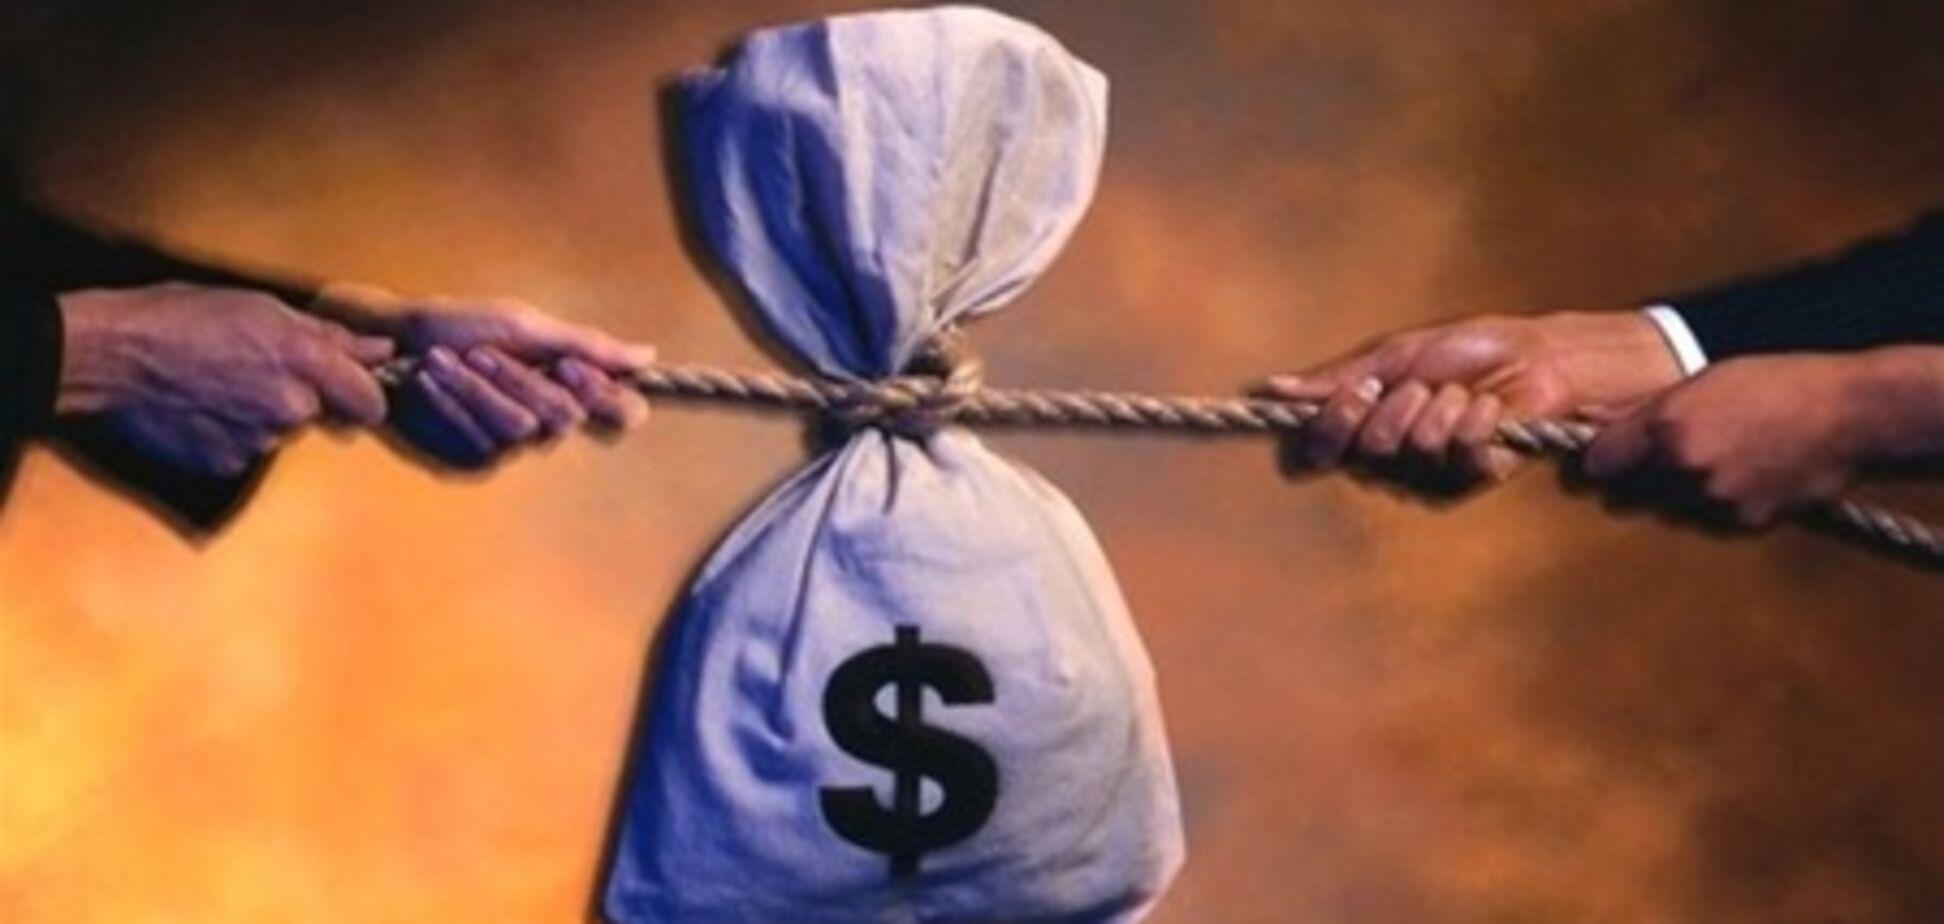 Долг по кредиту банк будет прощать?!